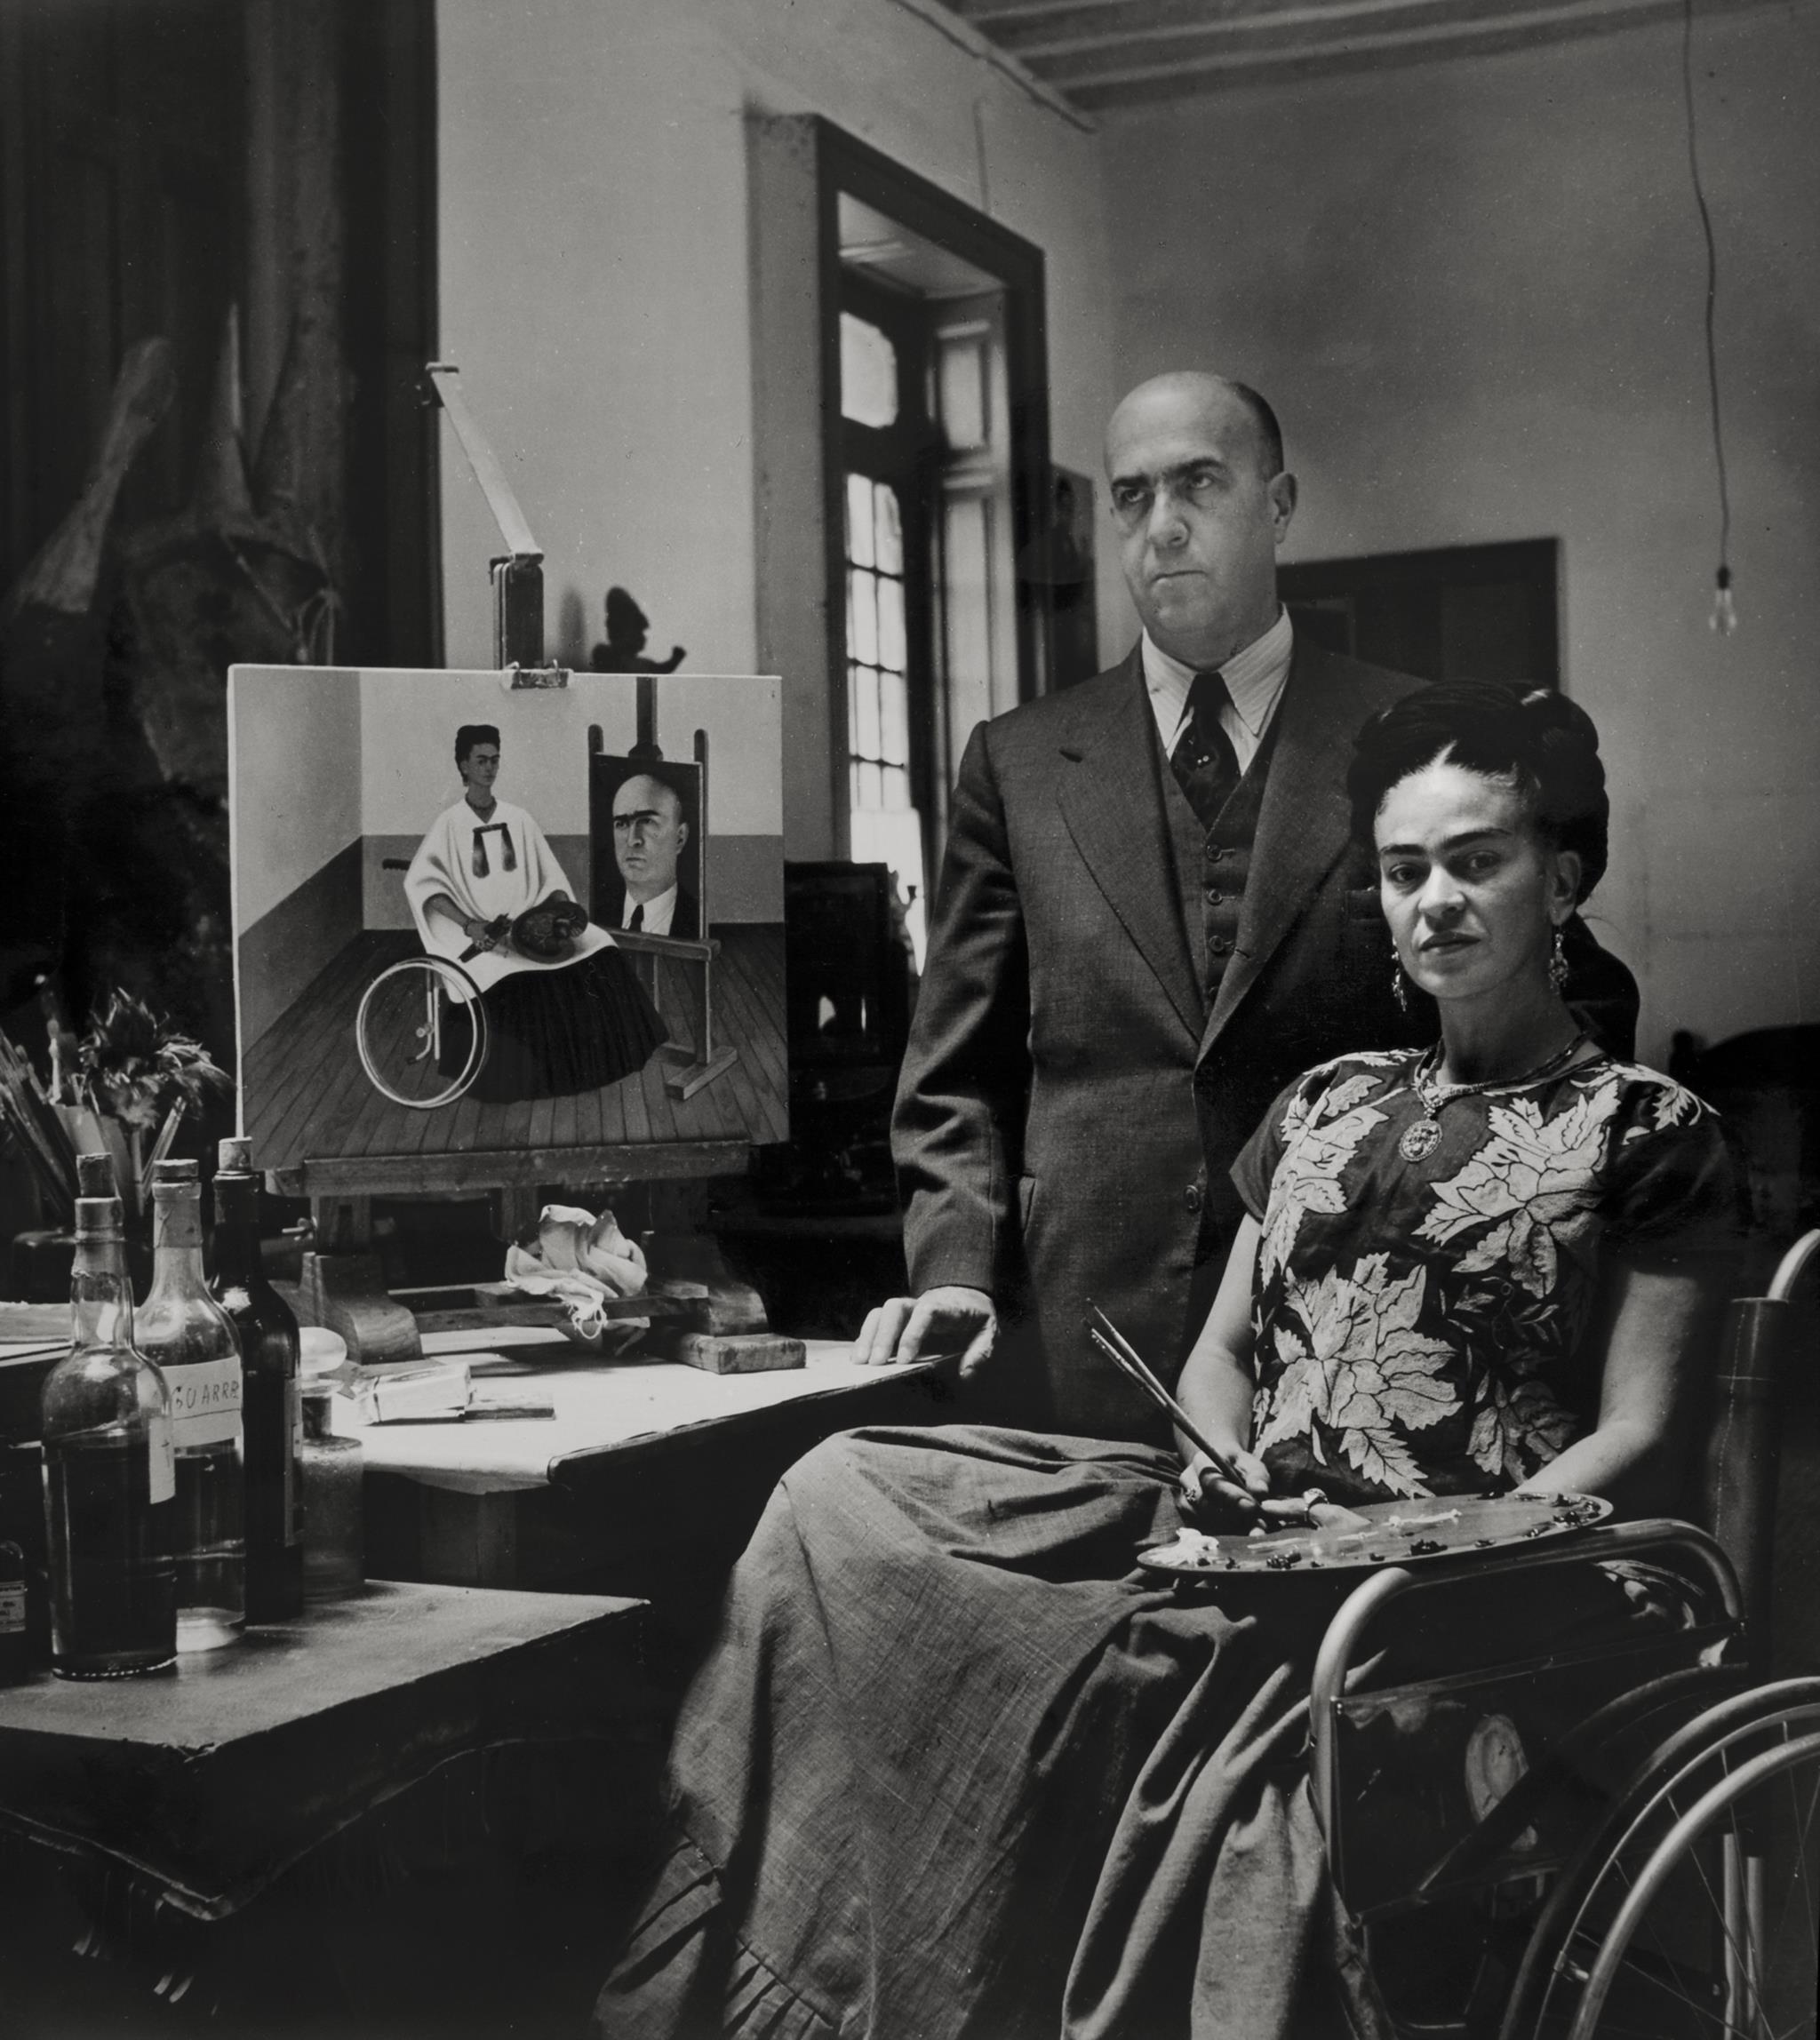 Frida Kahlo  com  o  médico  Juan  Farill,  por  Gisèle  Freund,  1951  ©  Museu  Frida  Kahlo